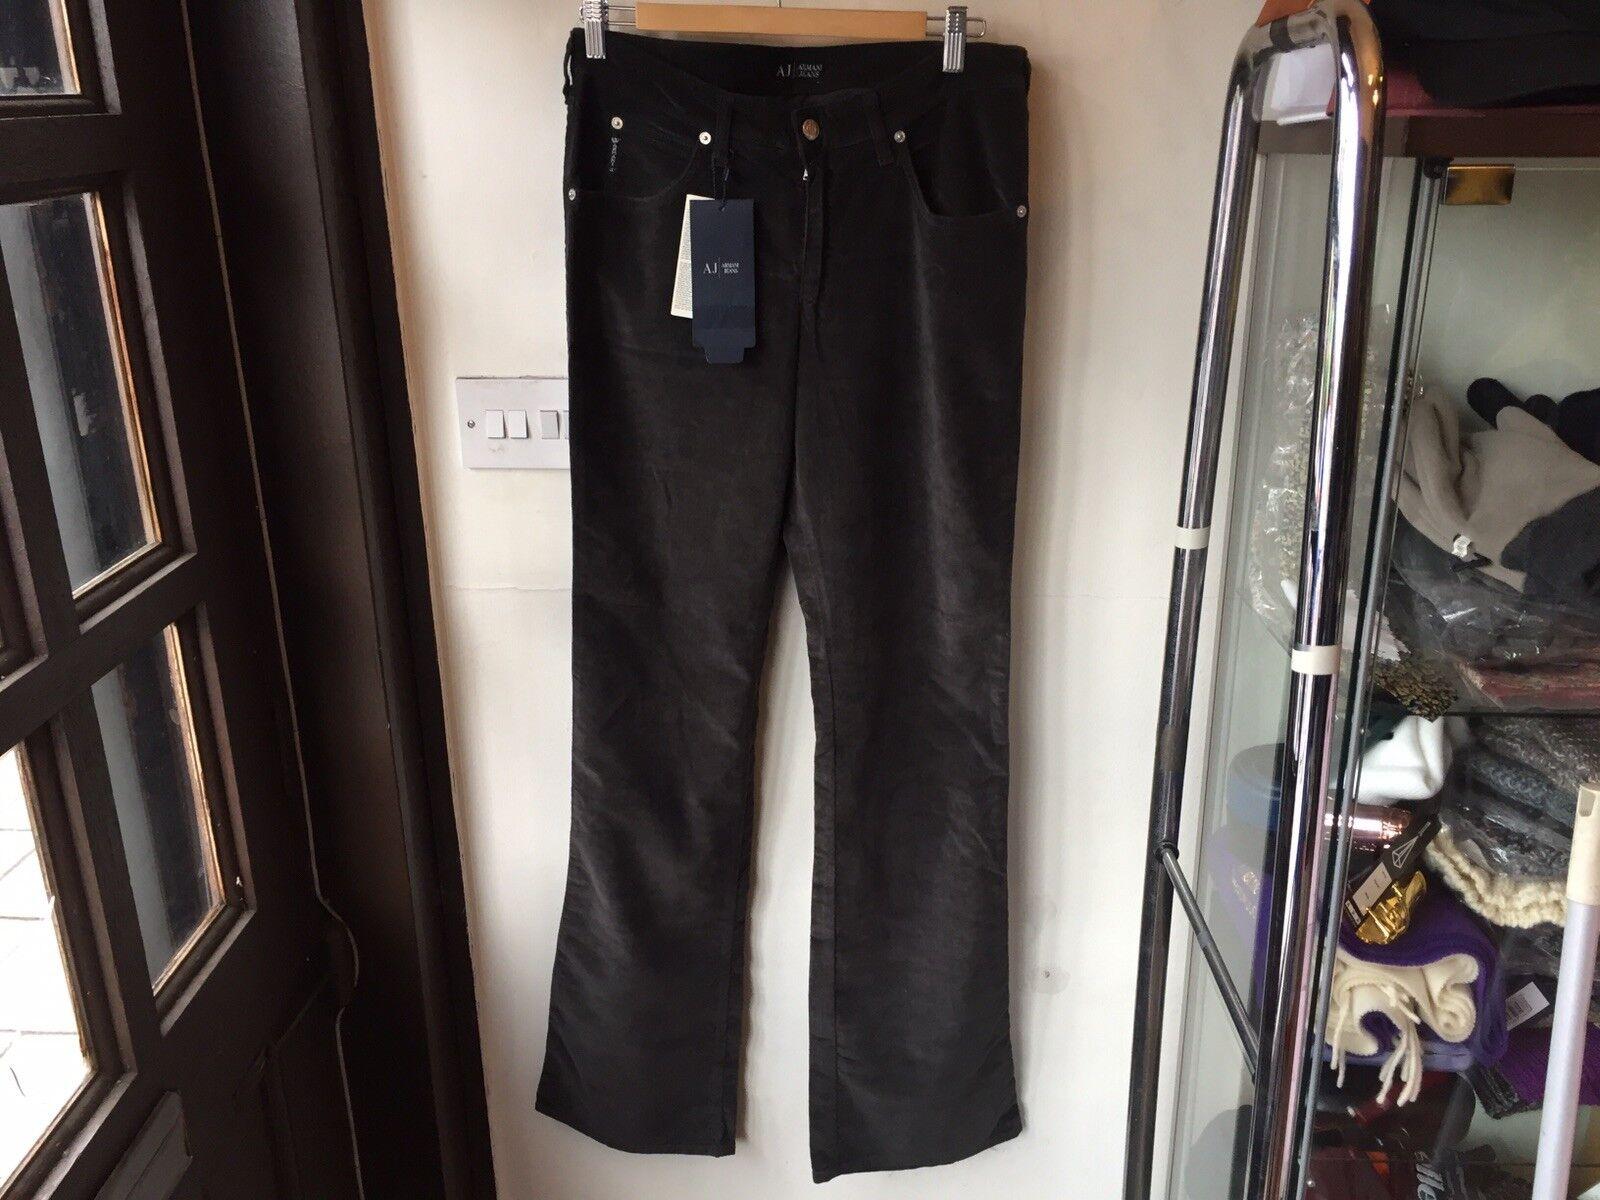 Armani pantalones de terciopelo, Pierna Recta Slim Fit, Negro Cochebón,  32X34 (nuevo)  auténtico